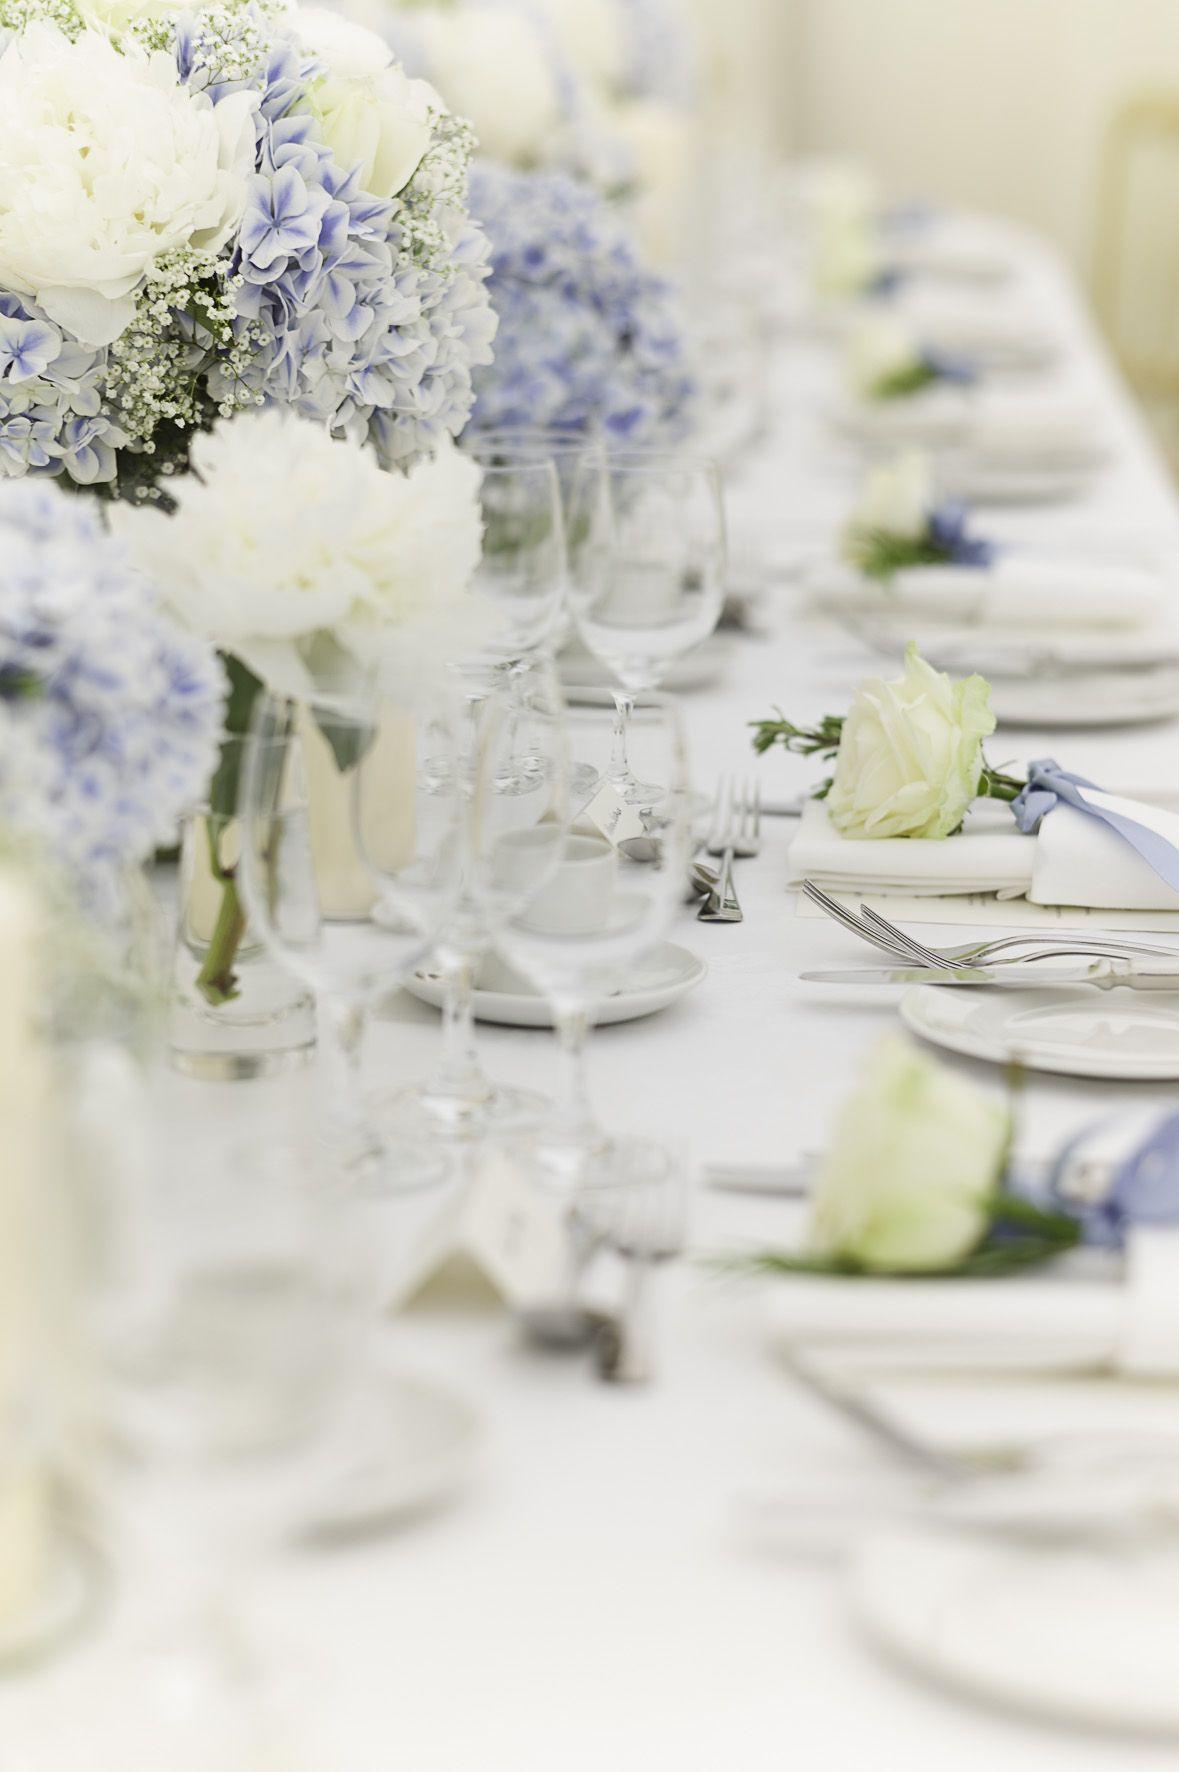 Tischdeko in wei und flieder perfekt f r eine fr hlingshochzeit hochzeitsdekoration - Tischdeko brautpaar ...